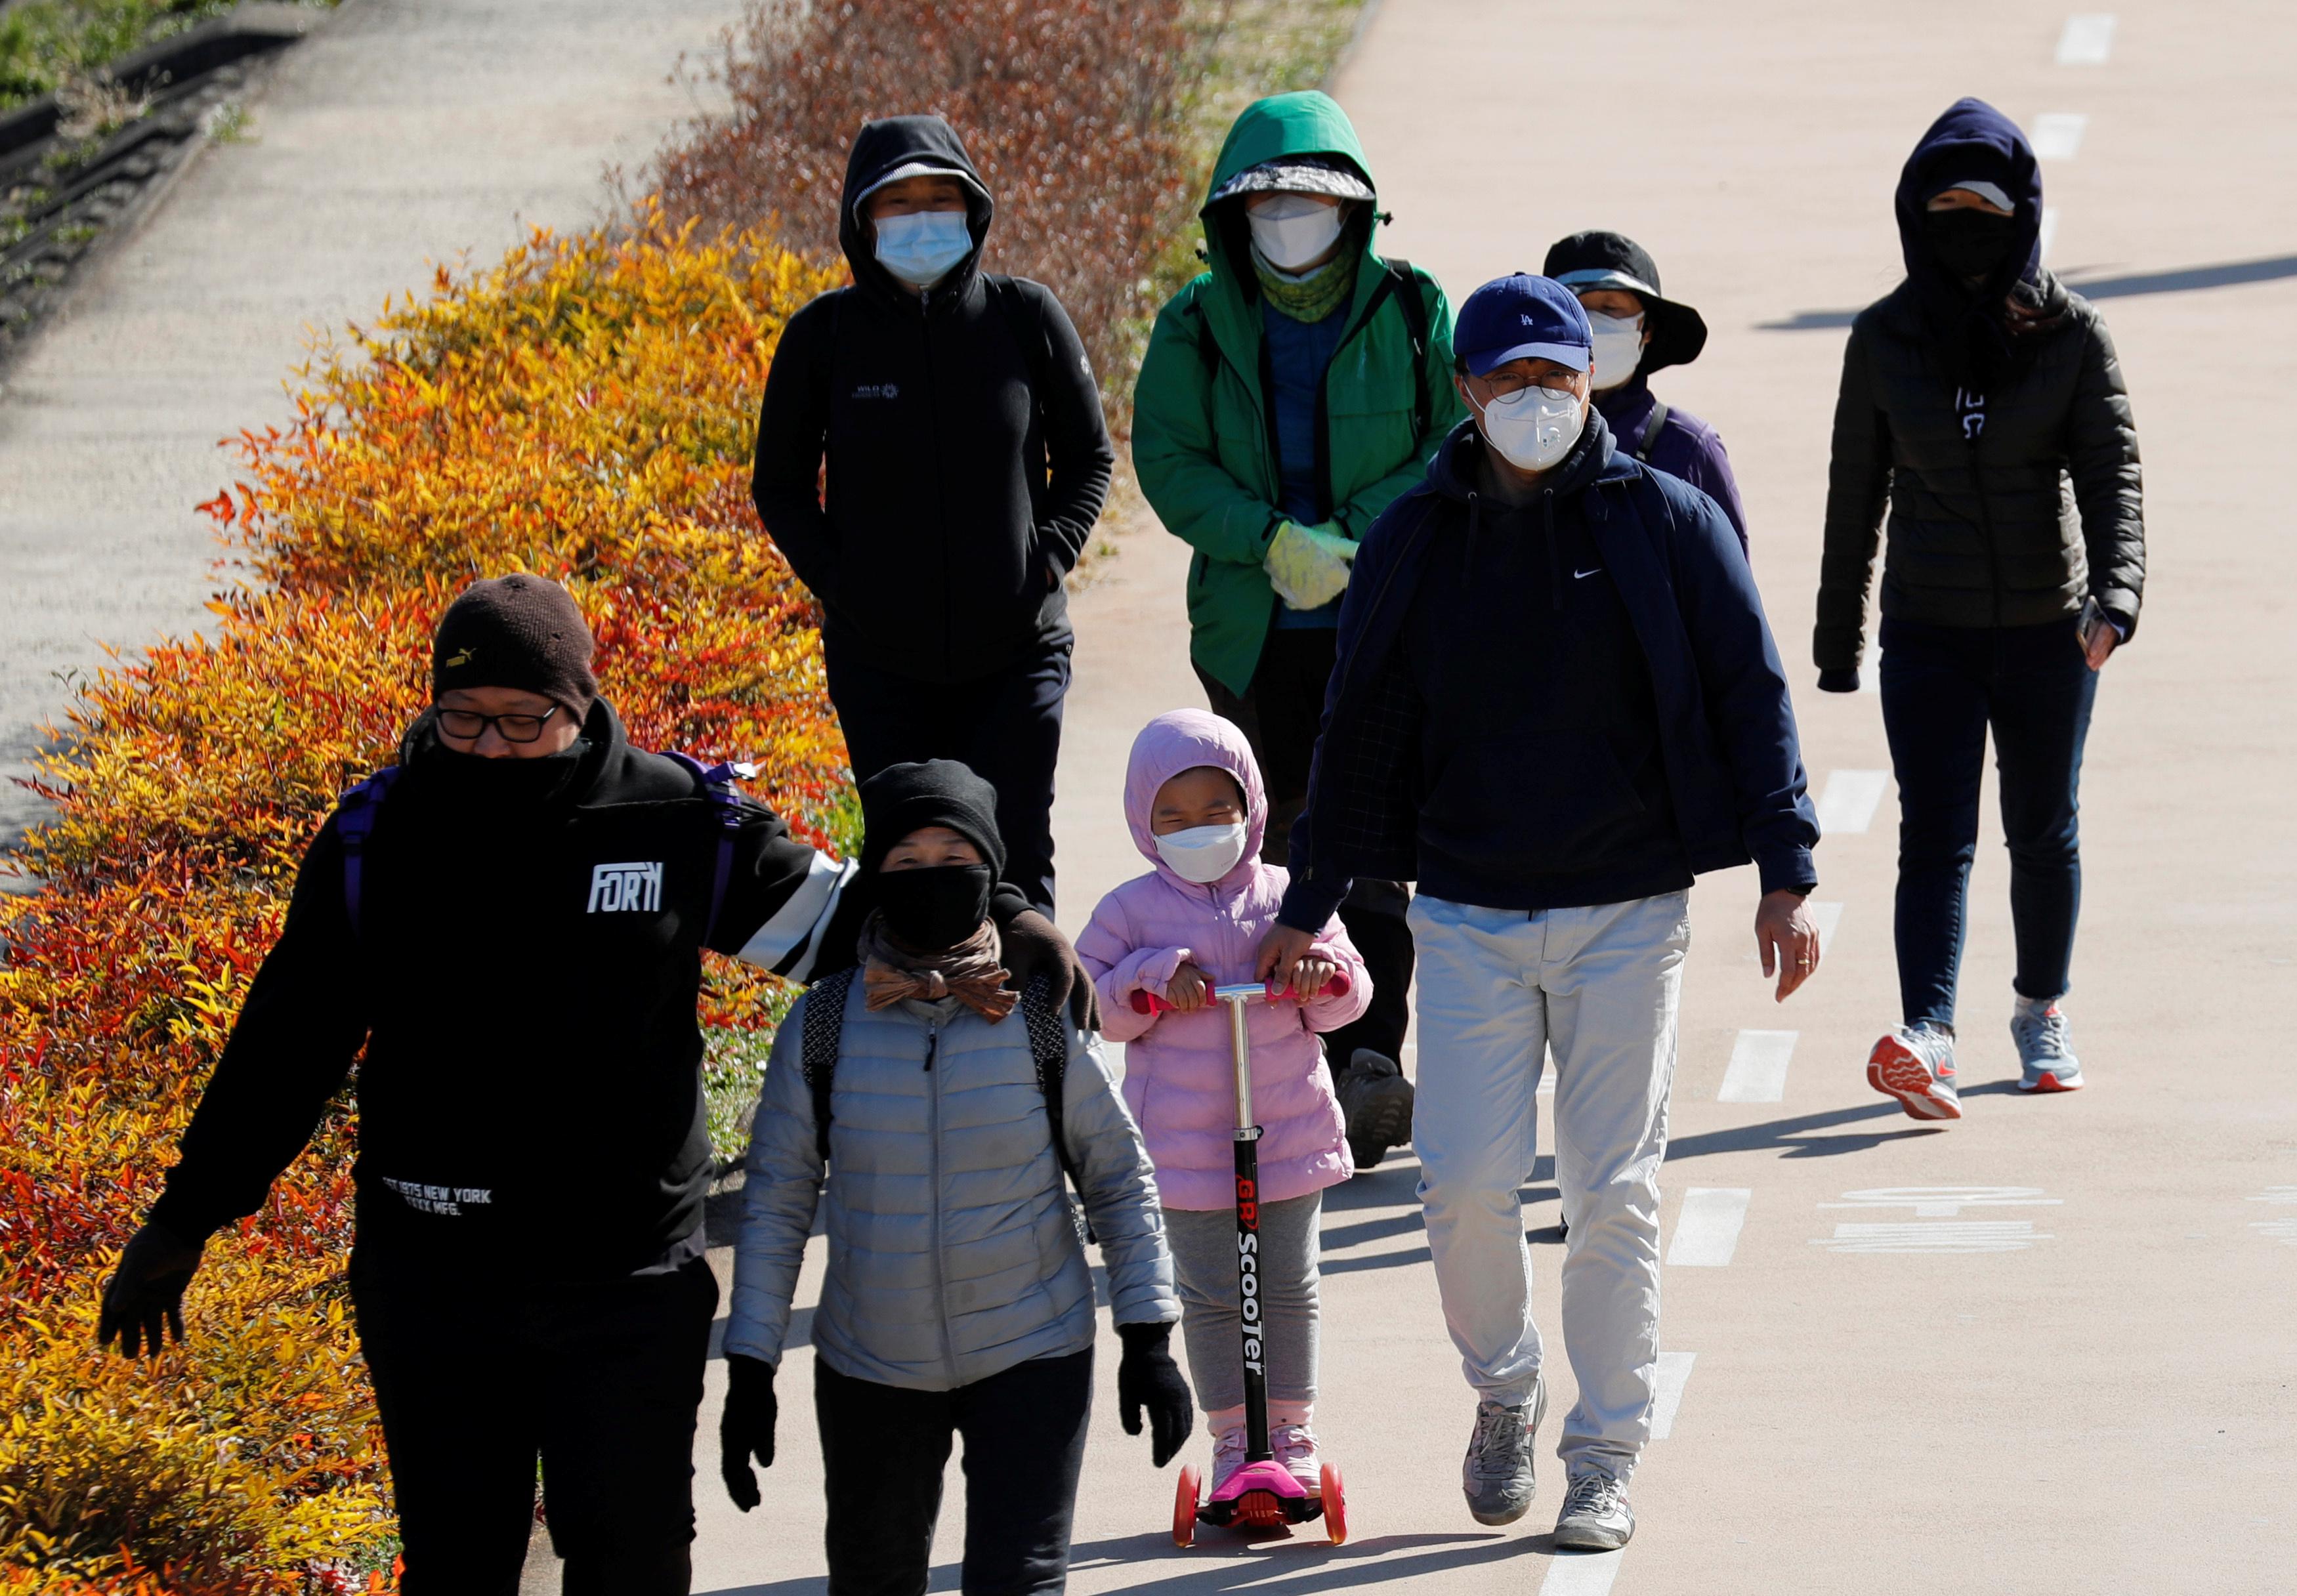 Família caminha em Daegu, na Coreia do Sul, usando máscaras